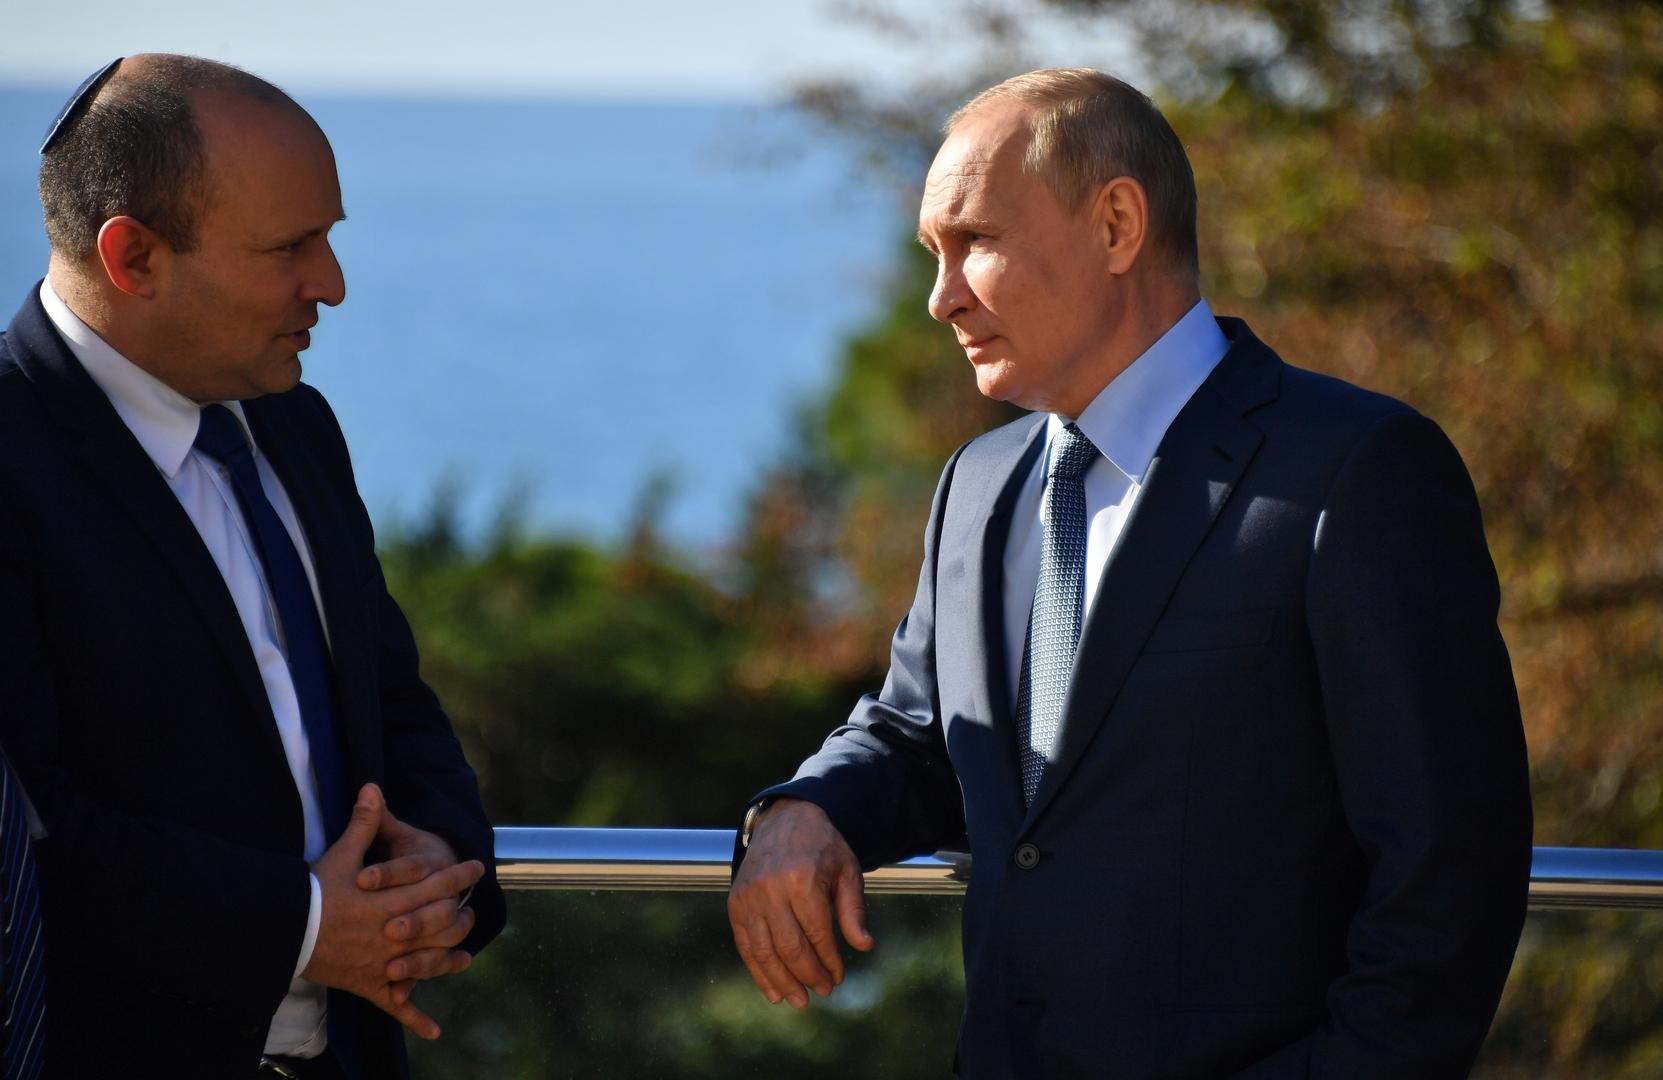 بعد محادثات مع بوتين.. رئيس وزراء إسرائيل يمدد زيارته إلى روسيا